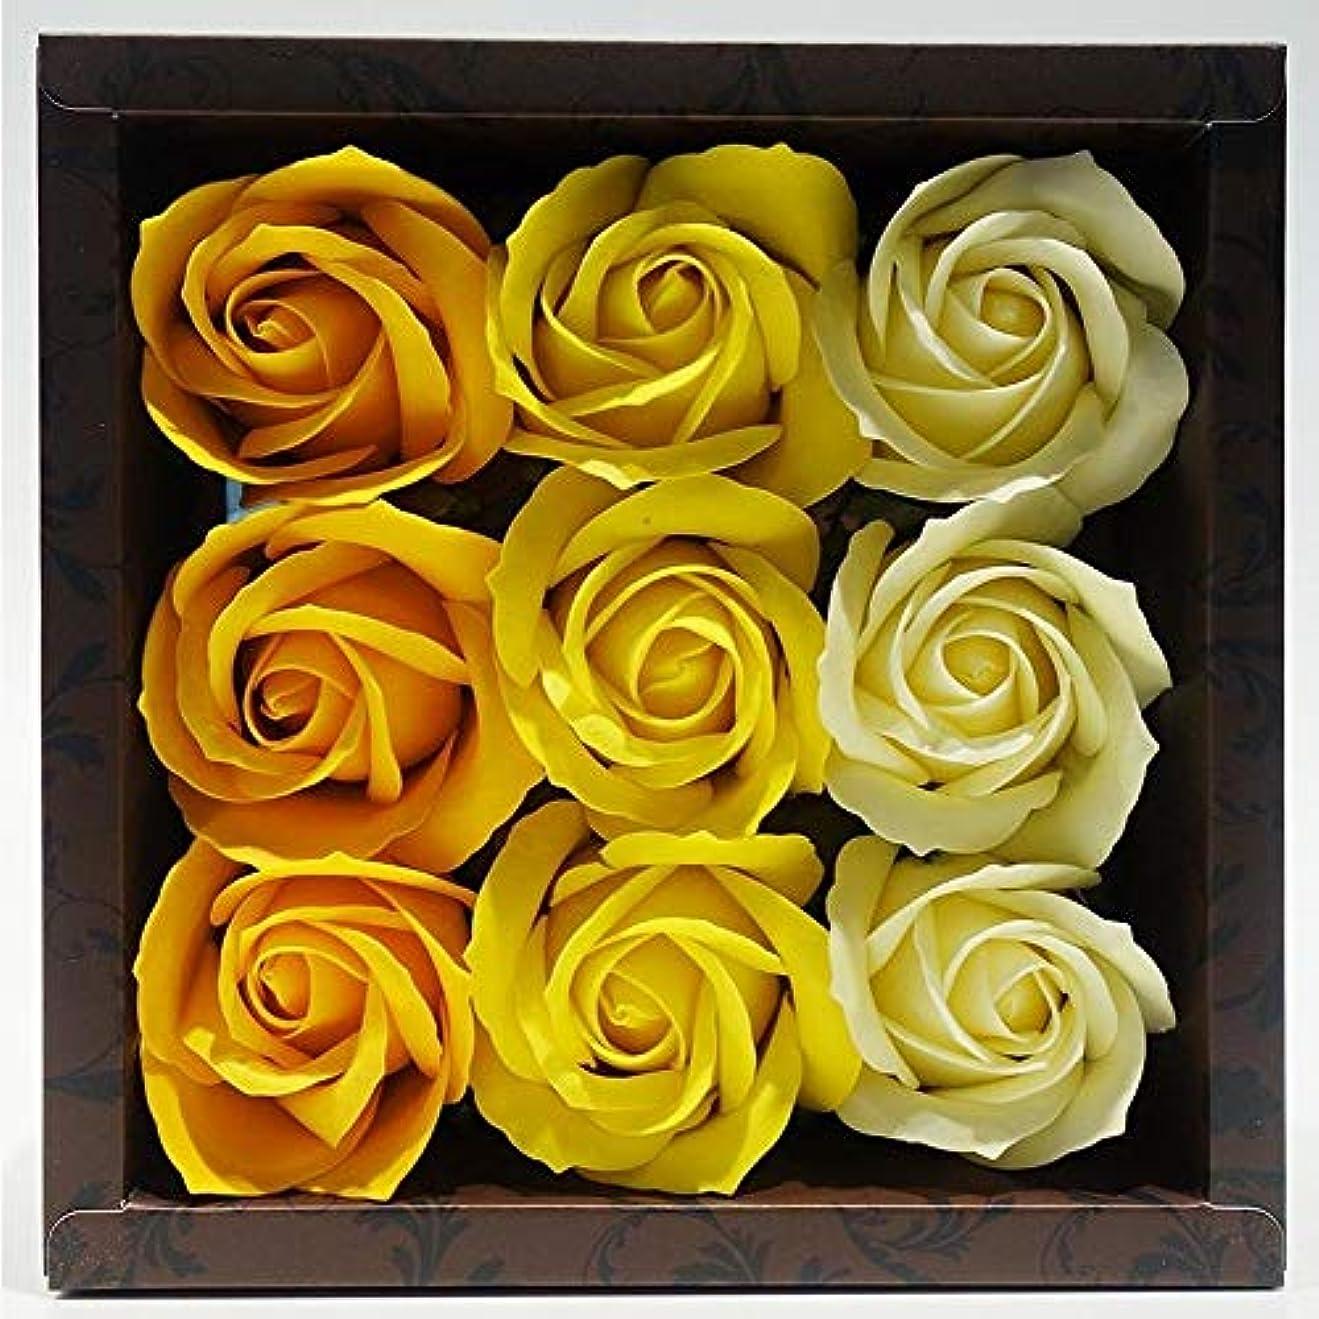 チェス何故なの調和のとれたバラの形の 入浴剤 ローズ バスフレグランス フラワーフレグランス バスボム バスぺタル (イエロー)